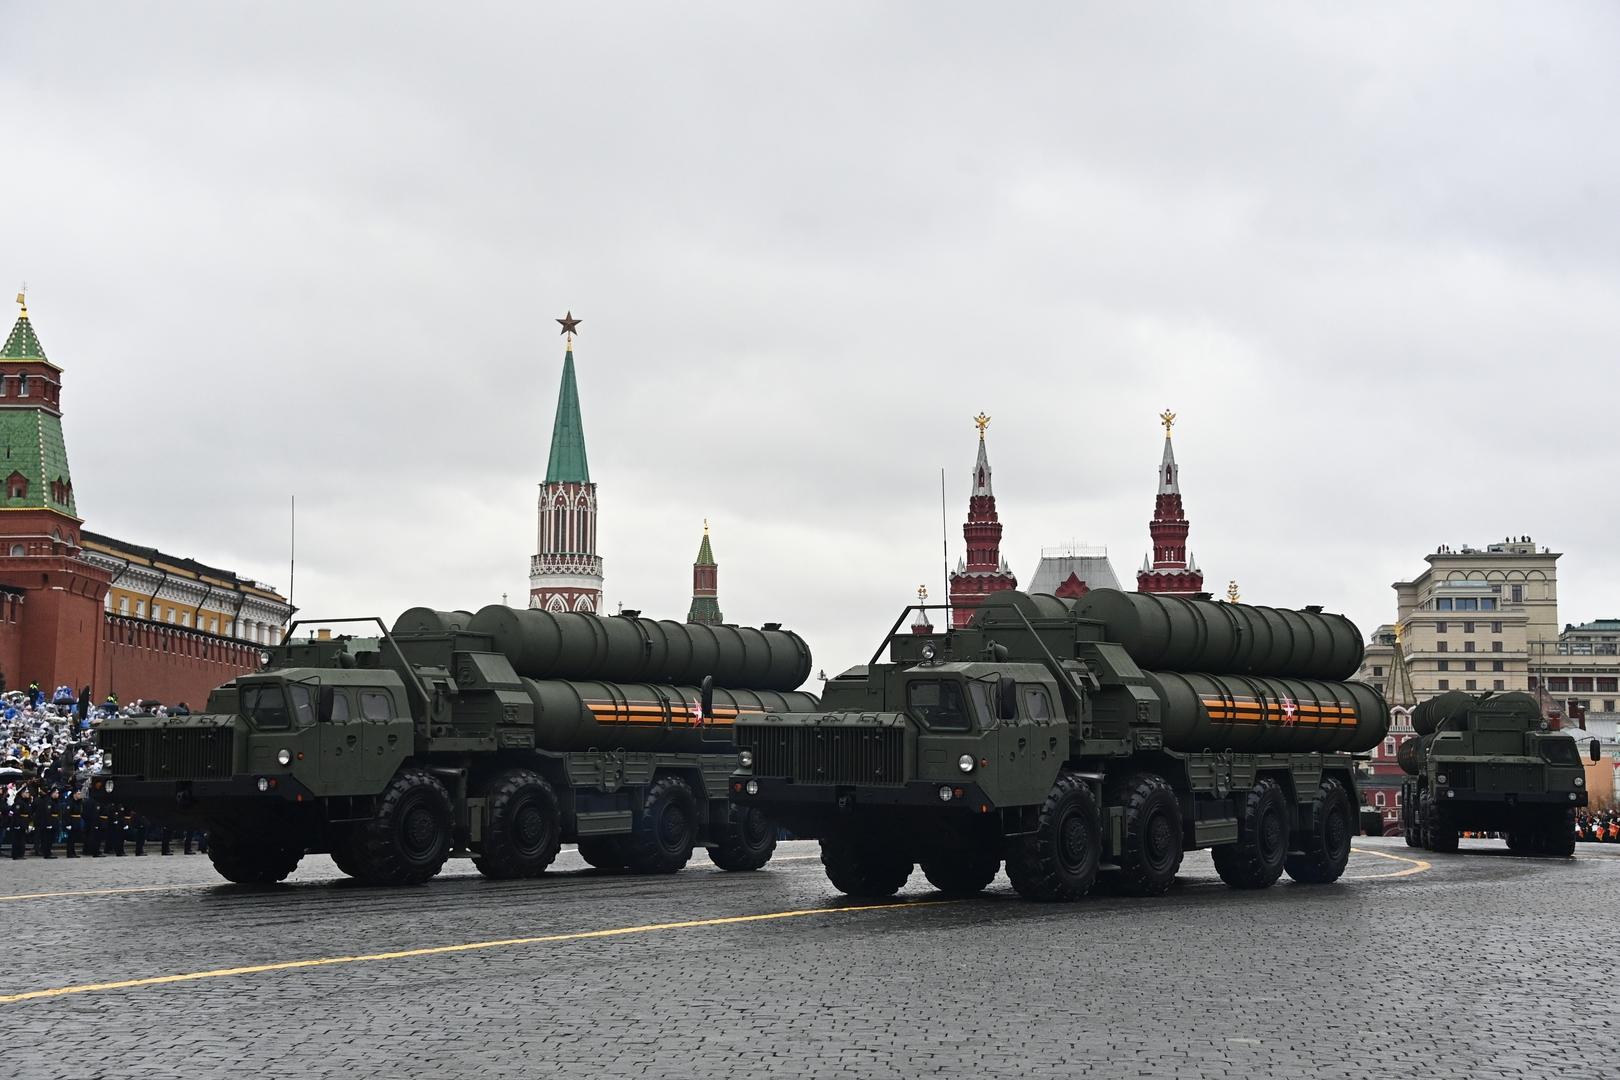 بعيون أمريكية.. أهم الأسلحة الروسية التي شاركت في